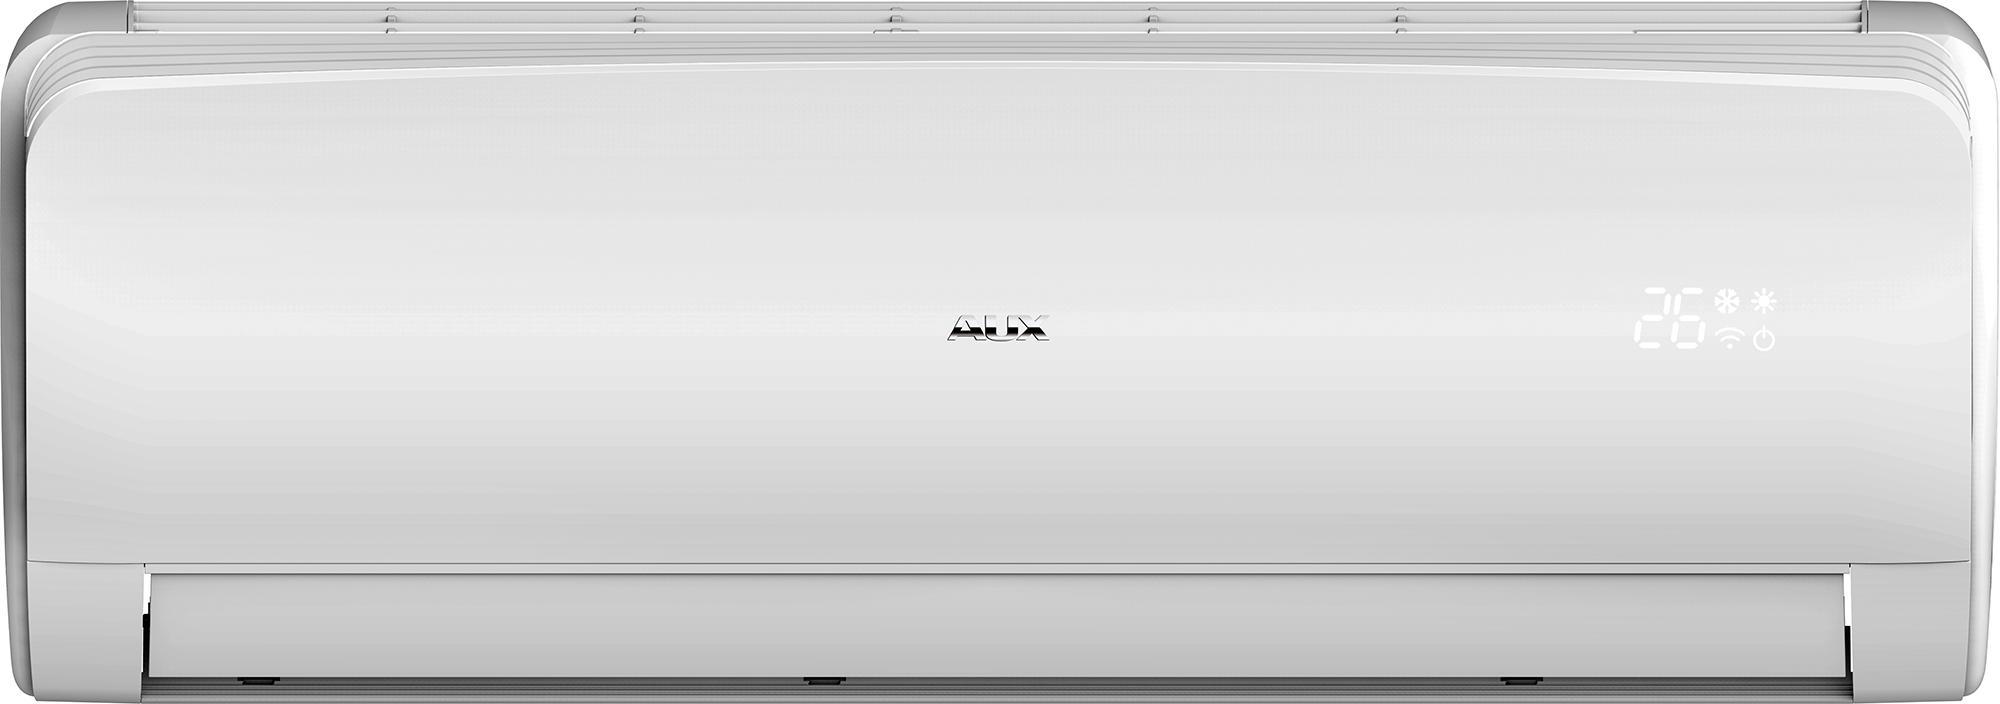 Кондиционер настенный AUX ASW-H09B4/UDR1DI